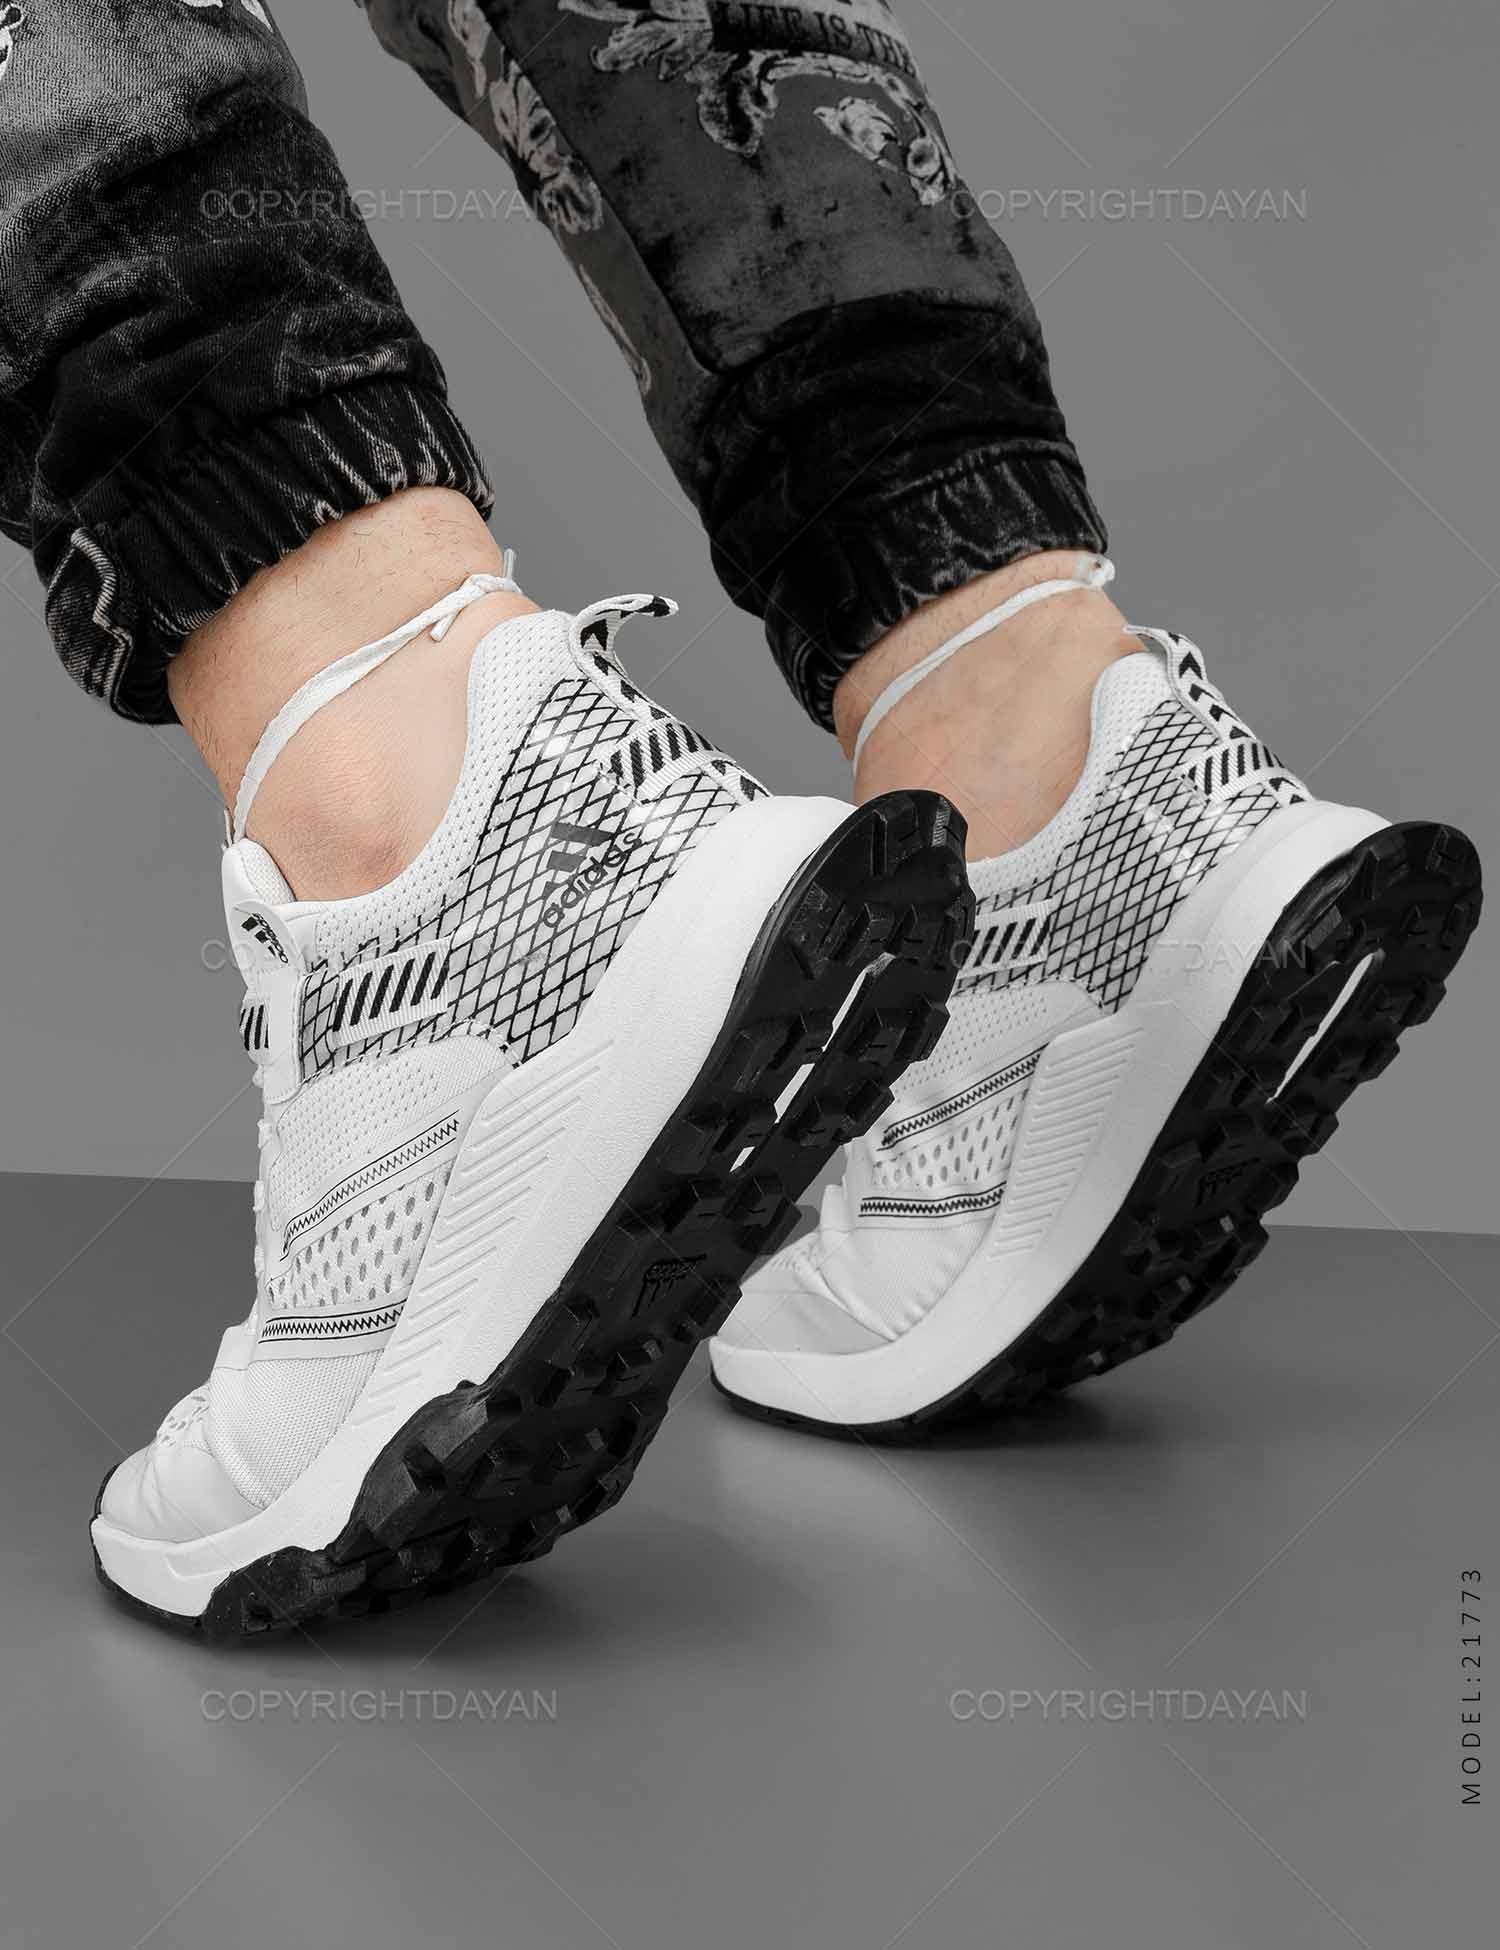 کفش ورزشی مردانه Adidas مدل 21773 کفش ورزشی مردانه Adidas مدل 21773 329,000 تومان